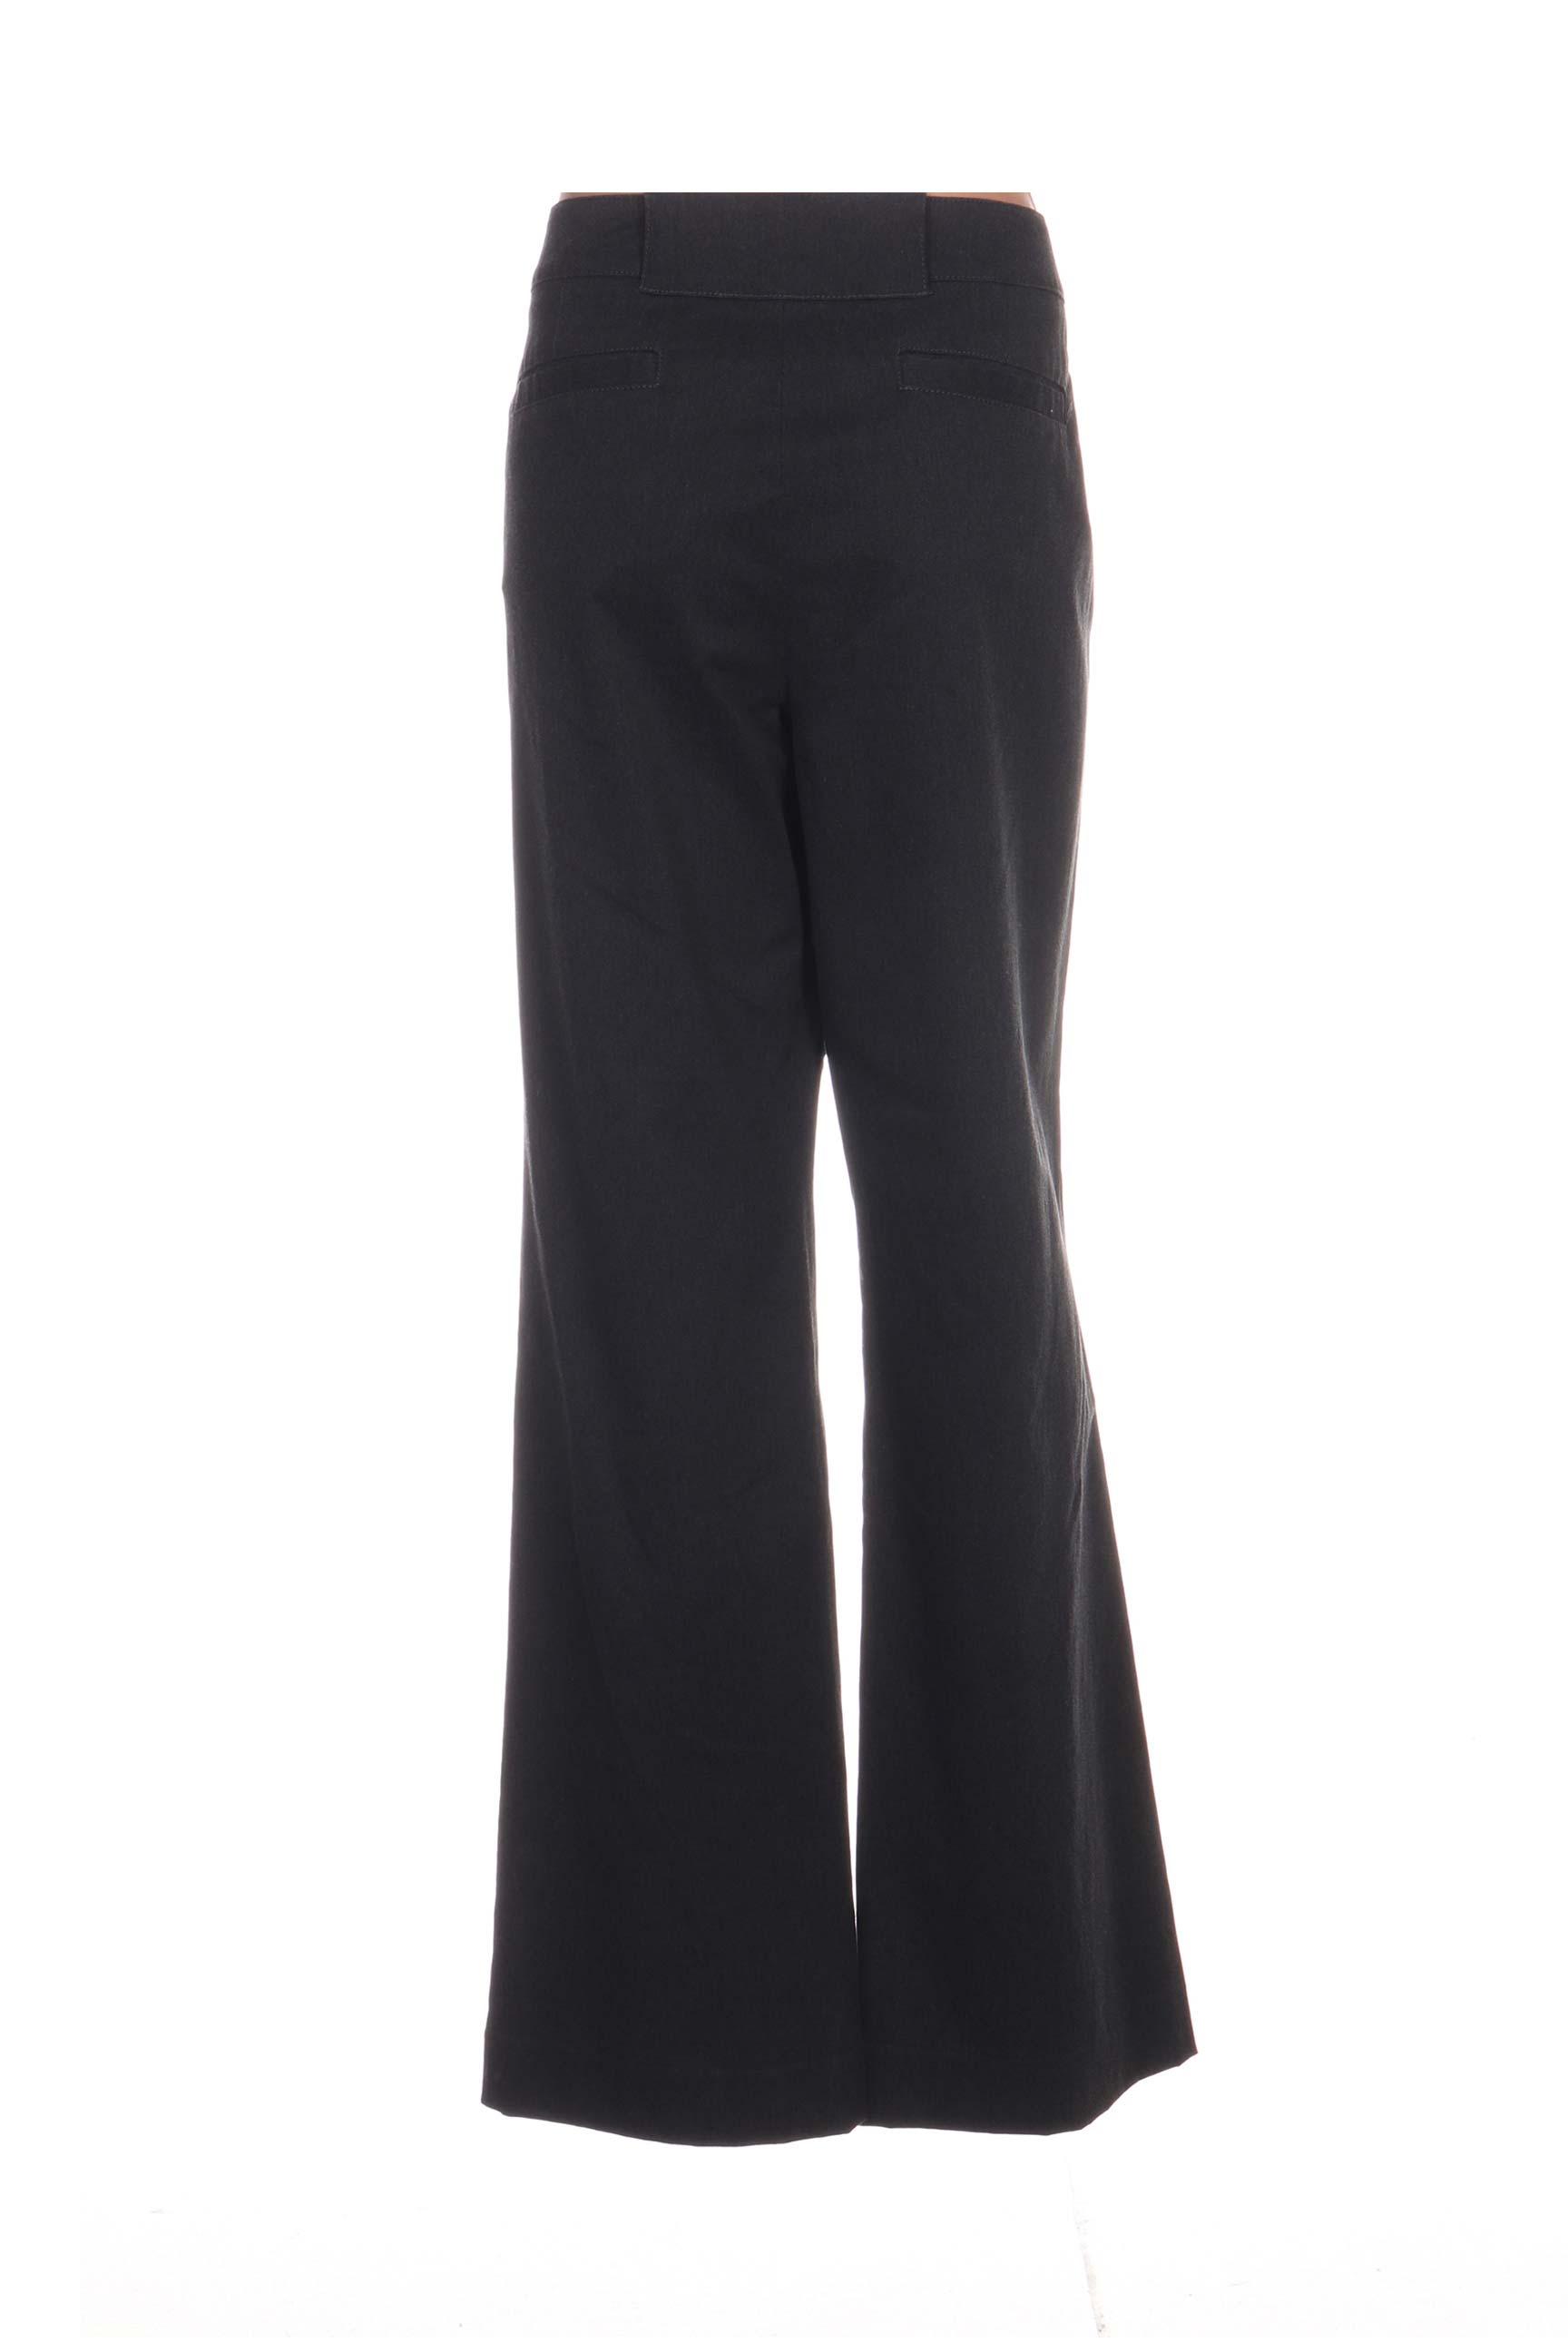 Mat De Misaine Pantalons Decontractes Femme Couleur Gris En Soldes Pas Cher 1167435-gris00